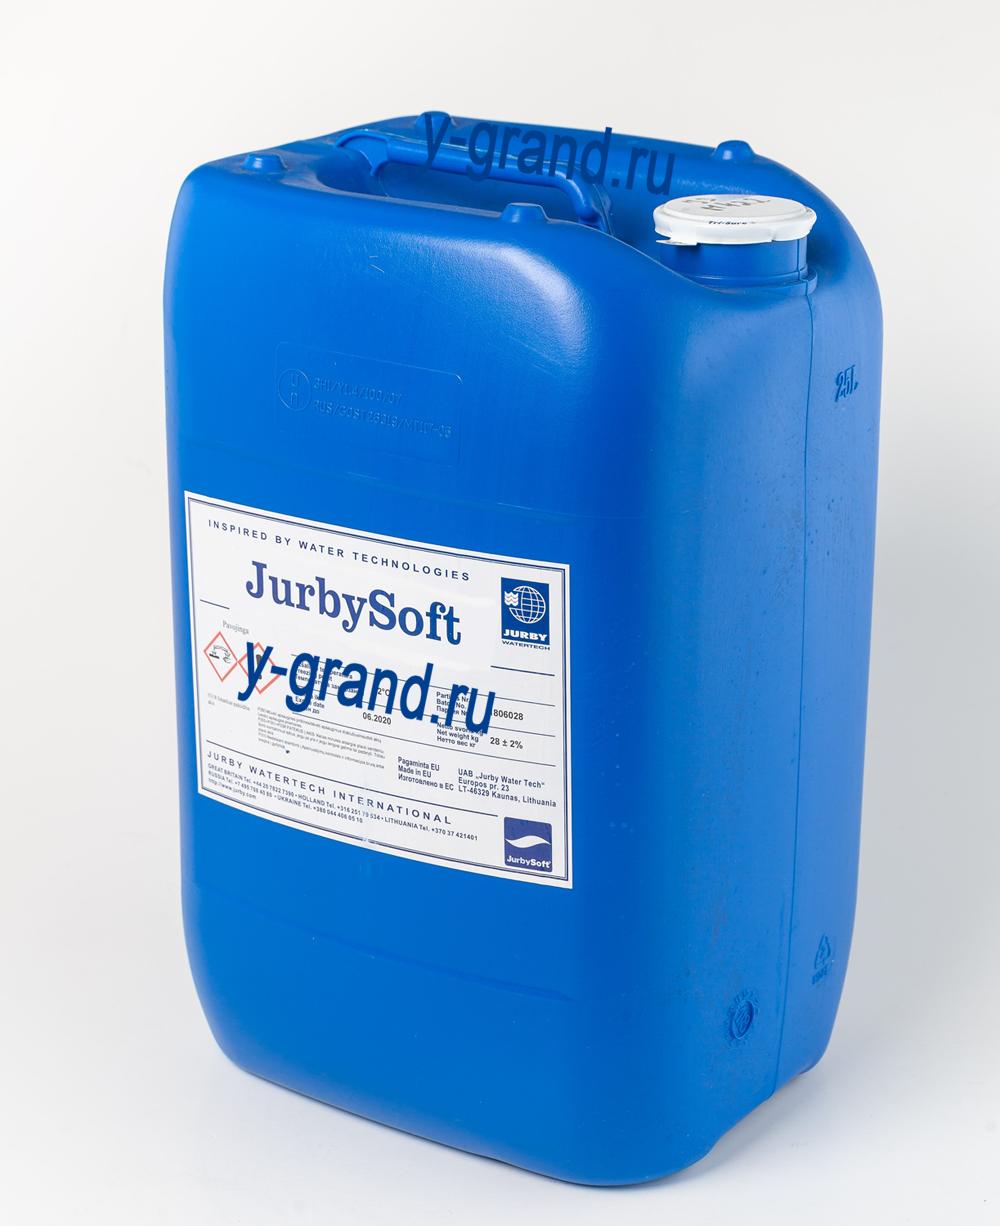 JurbySoft 63